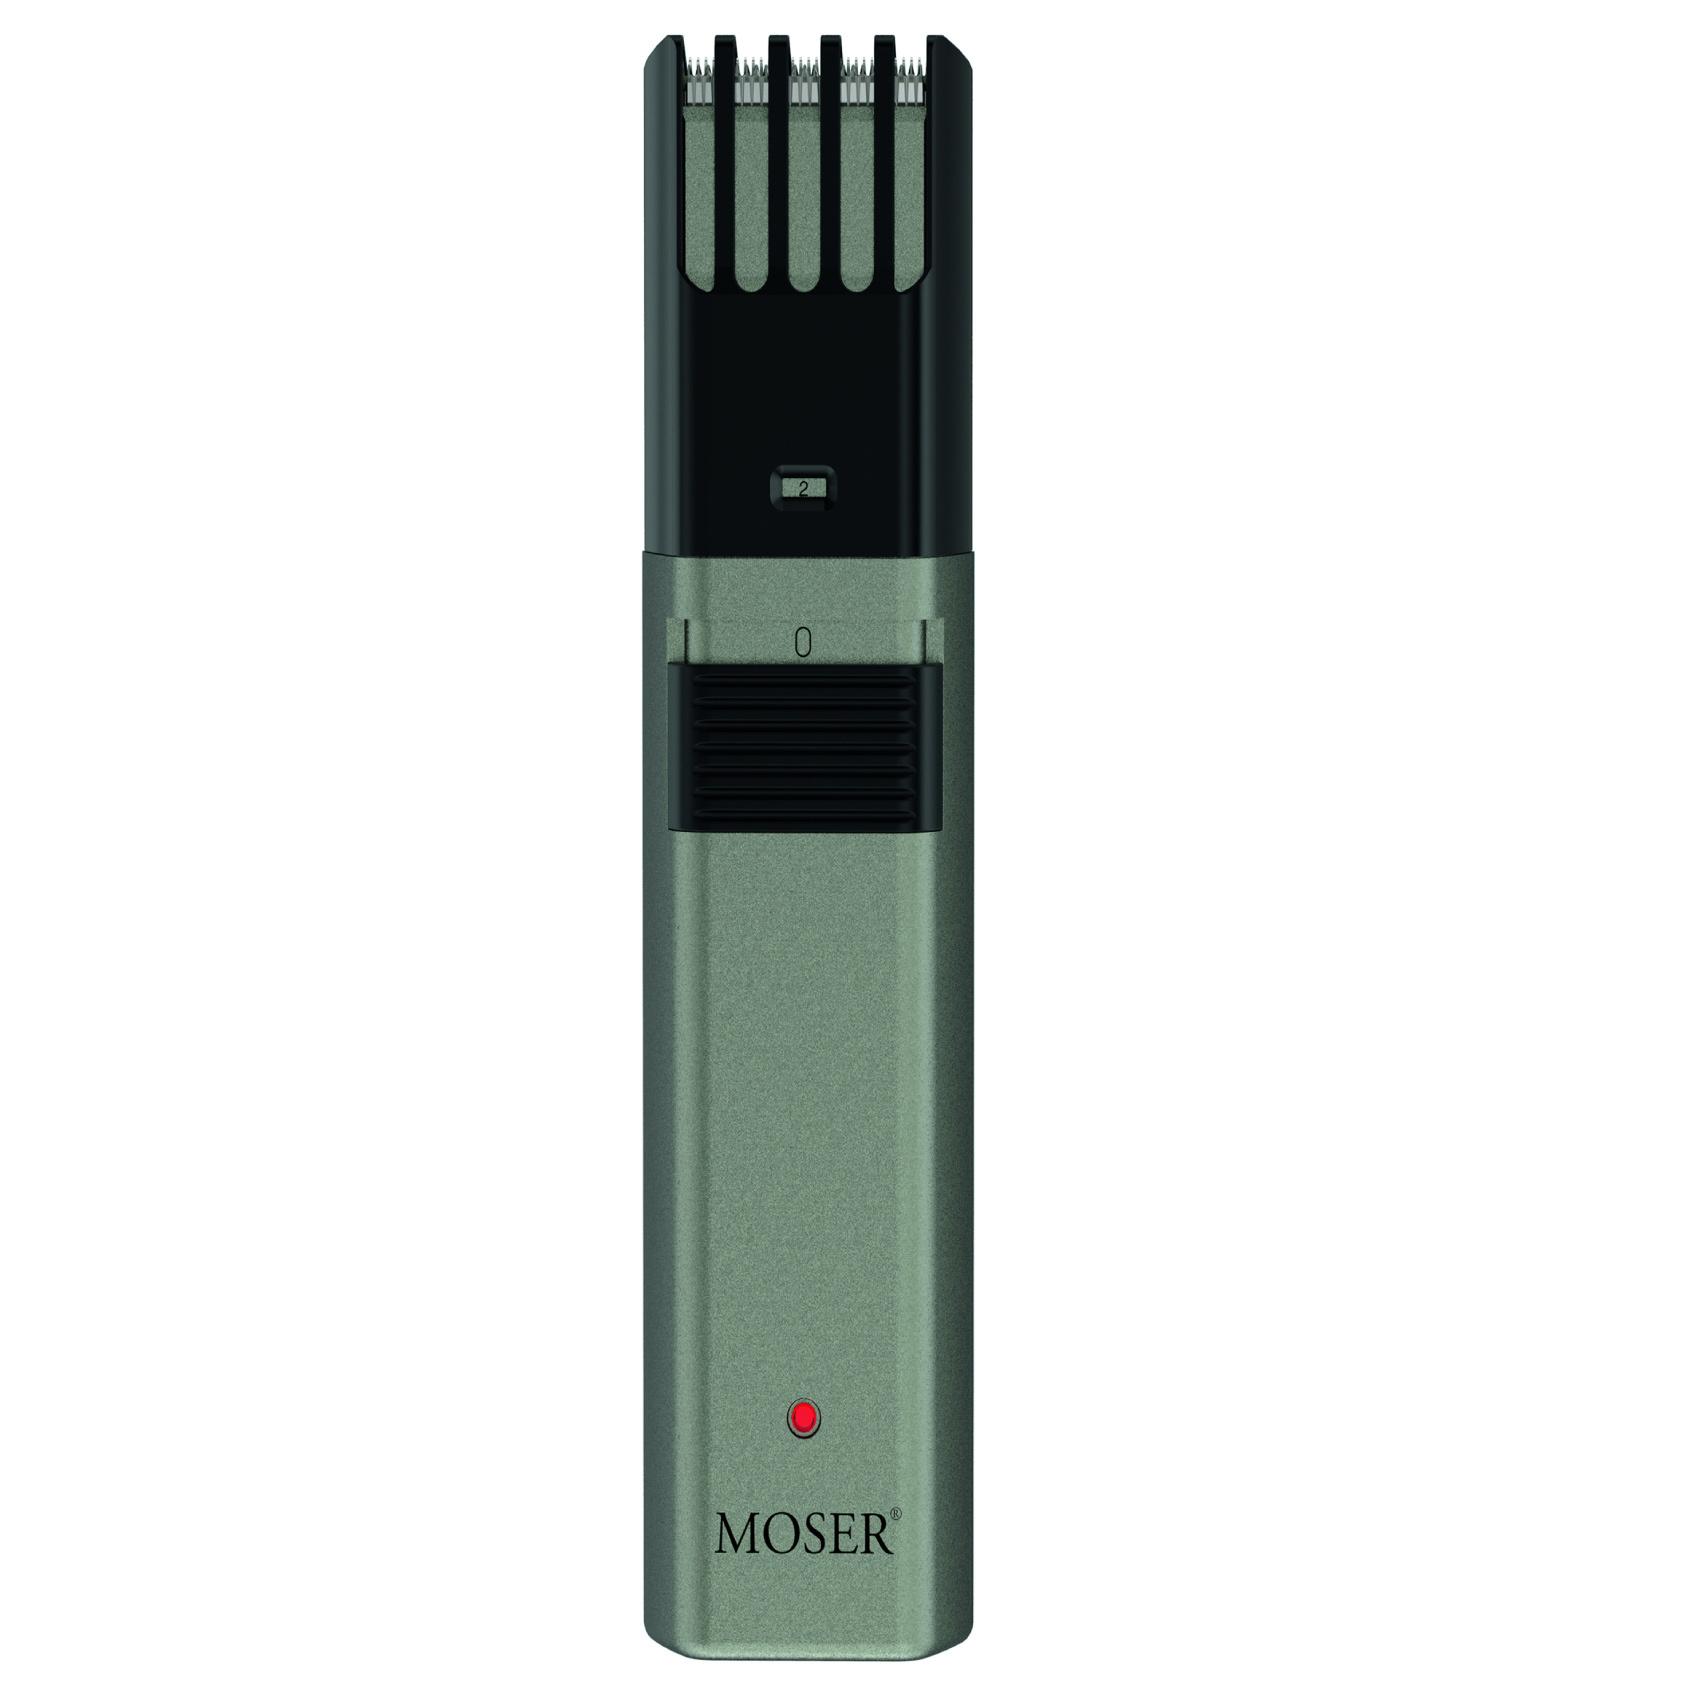 MOSER TRIMMER 1040-0410